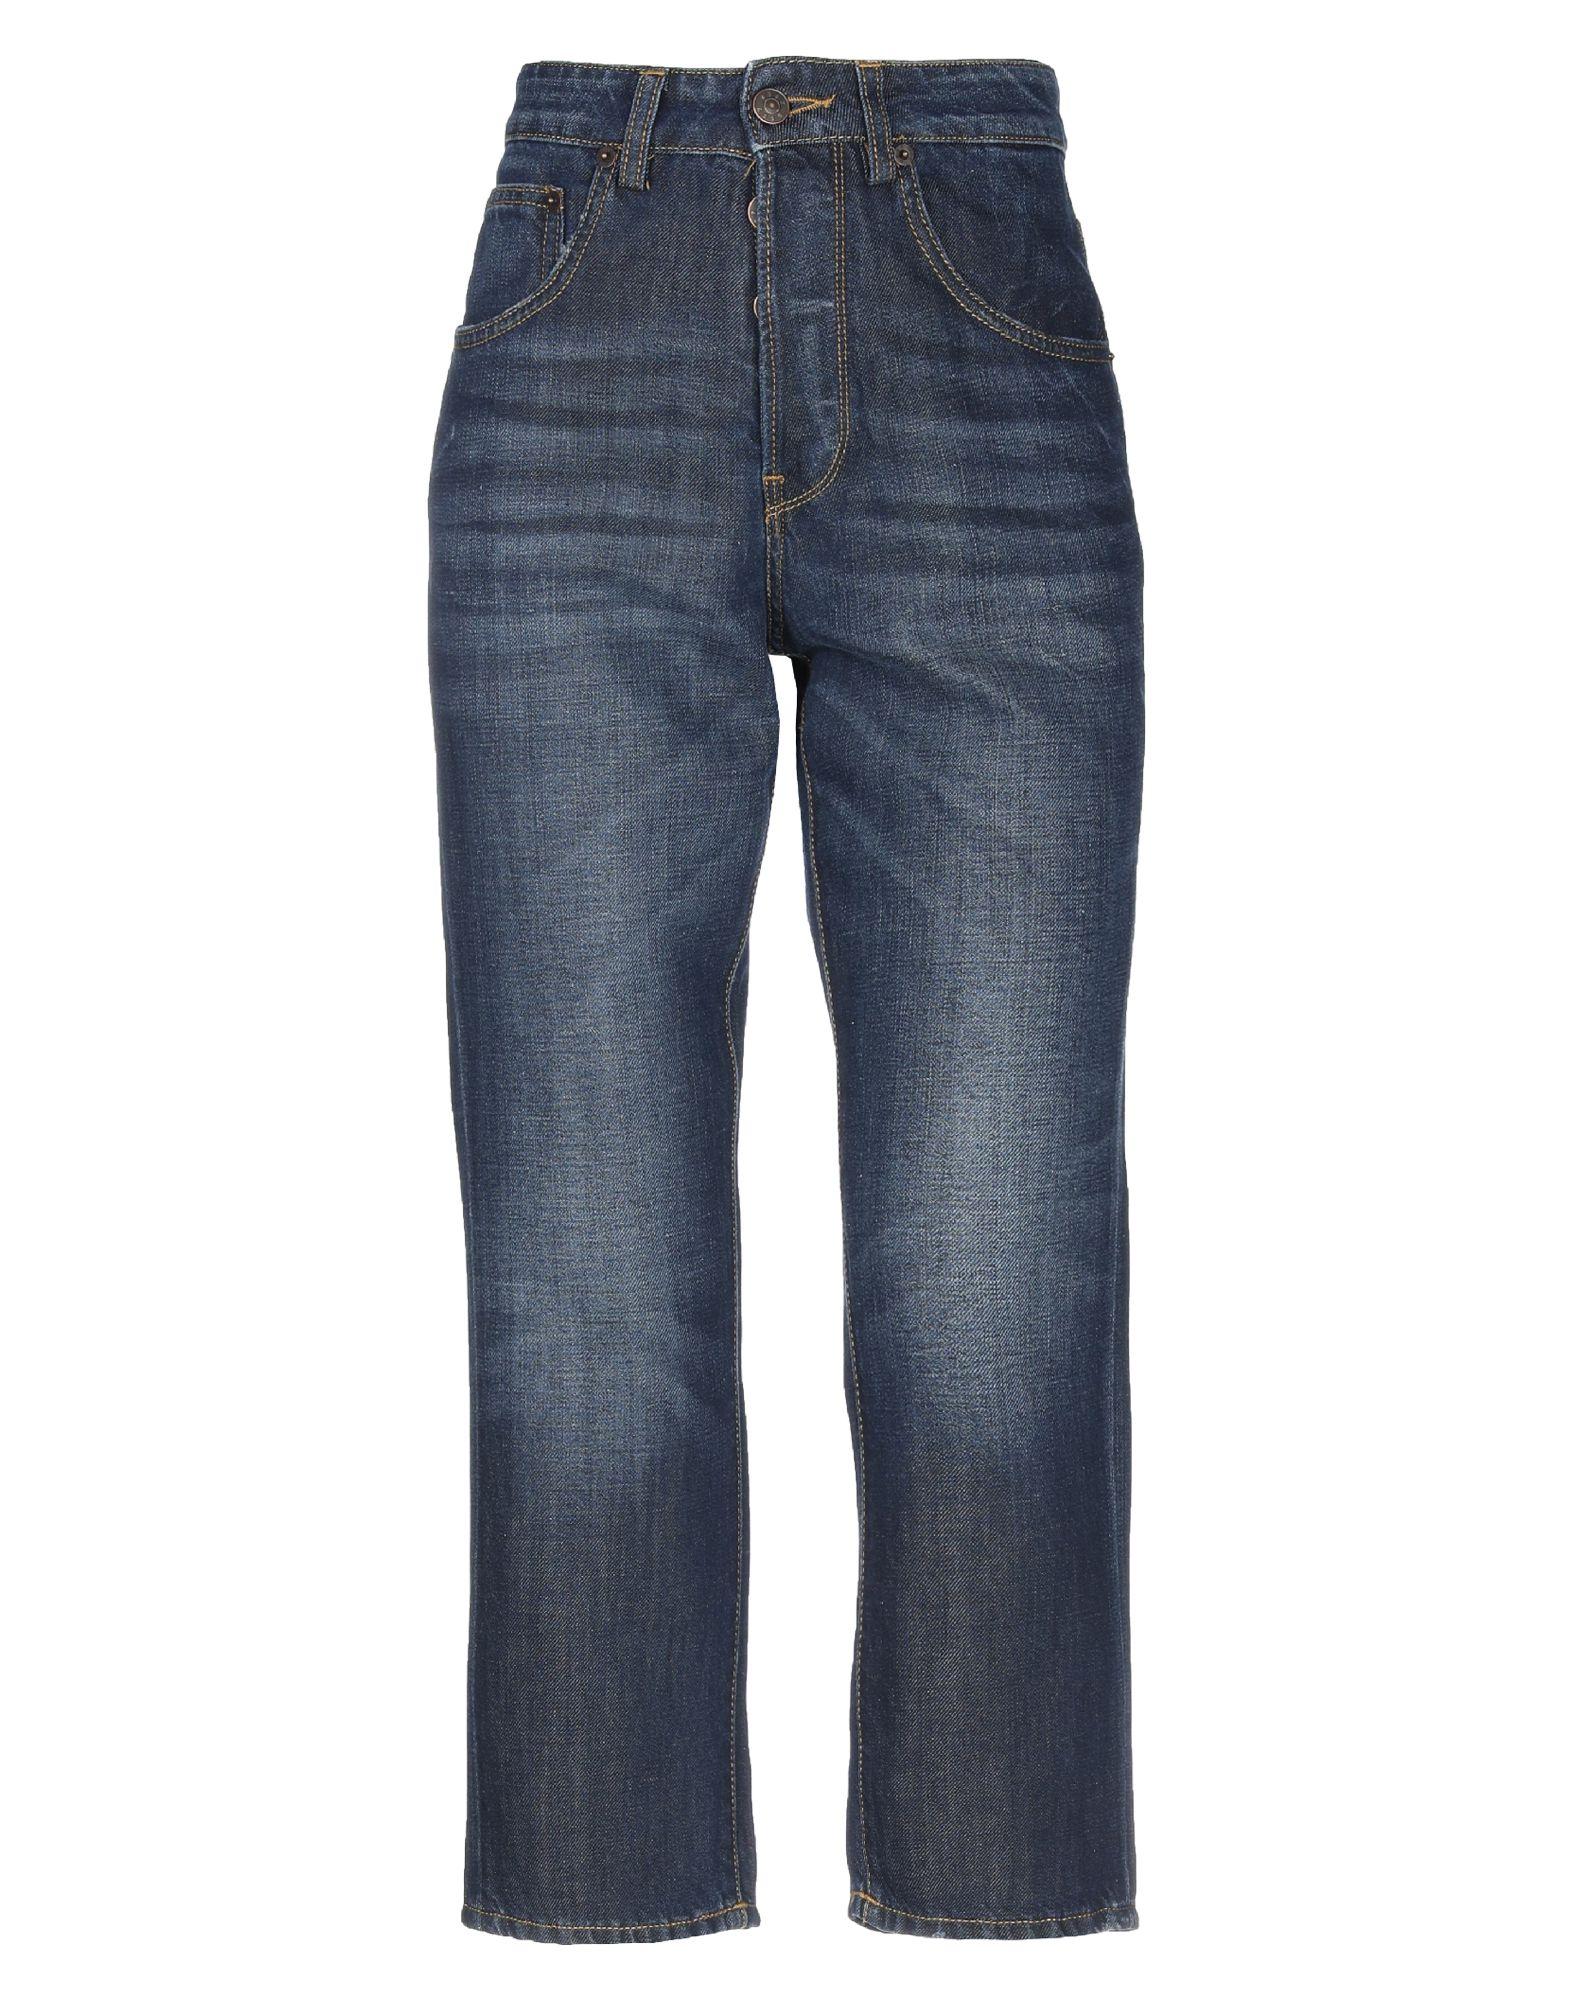 6397 Джинсовые брюки-капри